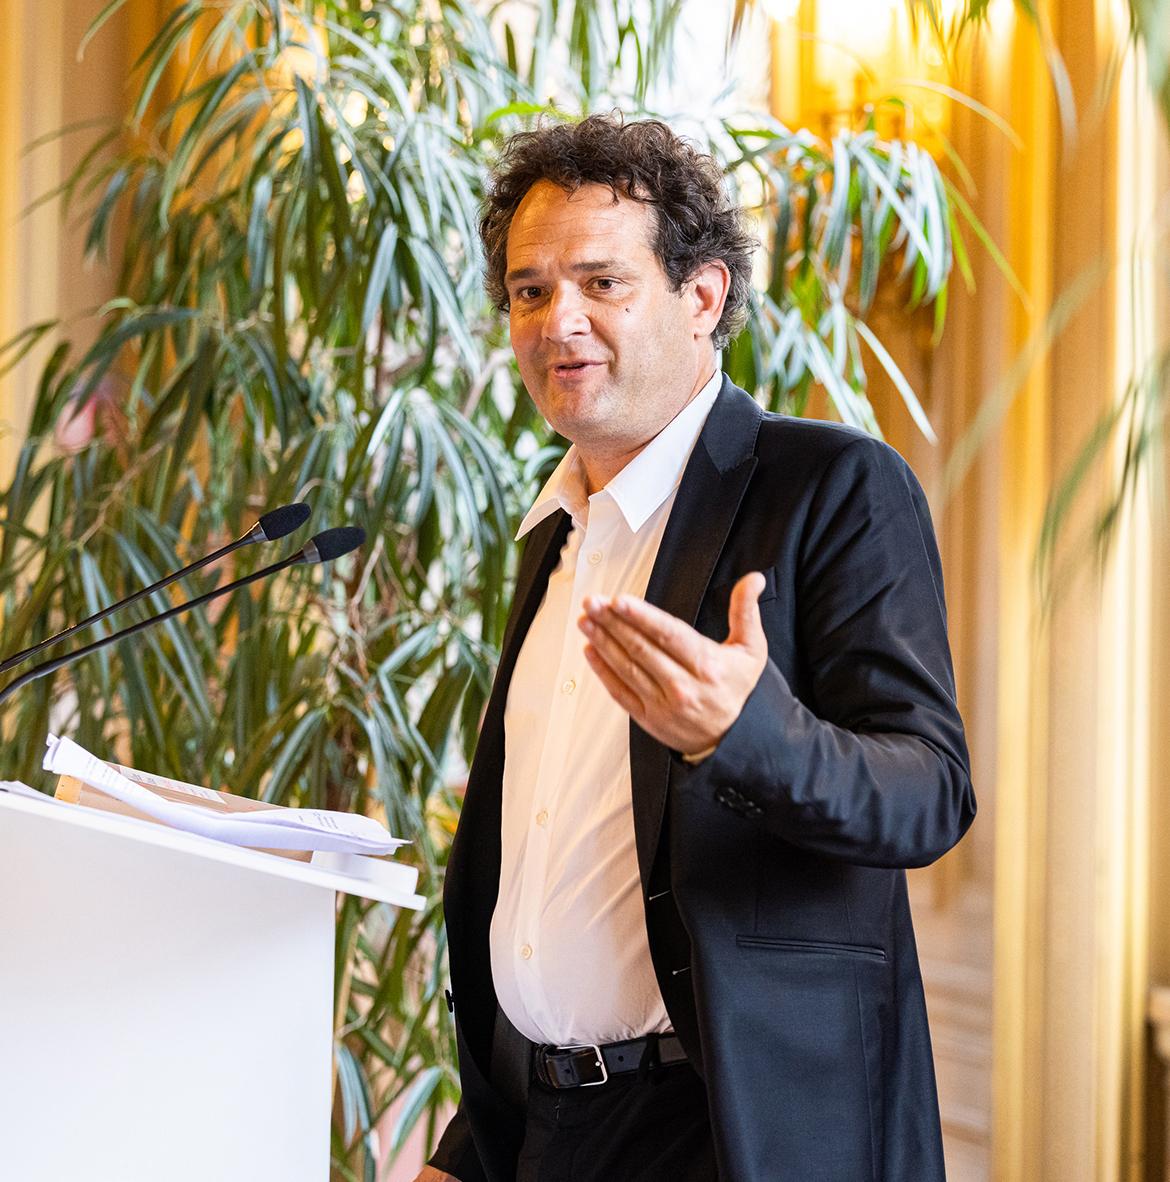 Grégoire Kauffmann